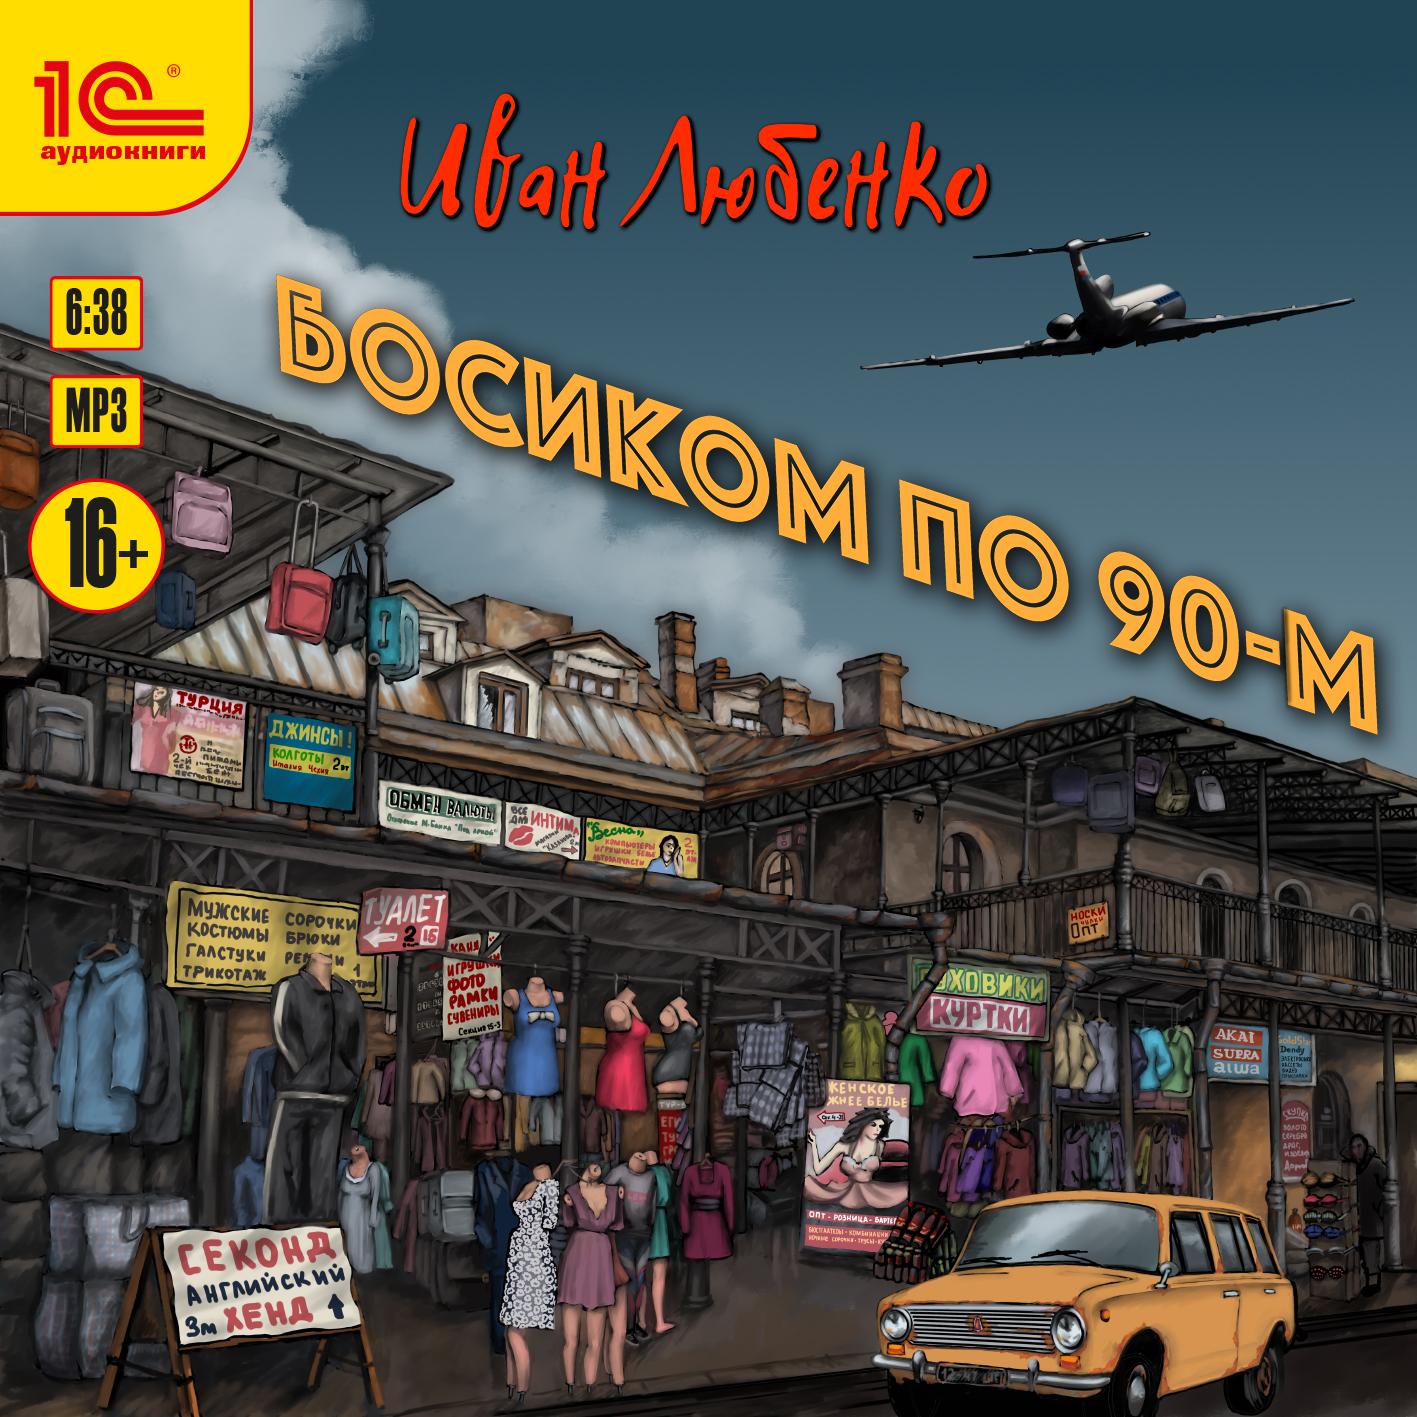 Иван Любенко Босиком по 90-м (цифровая версия) (Цифровая версия)